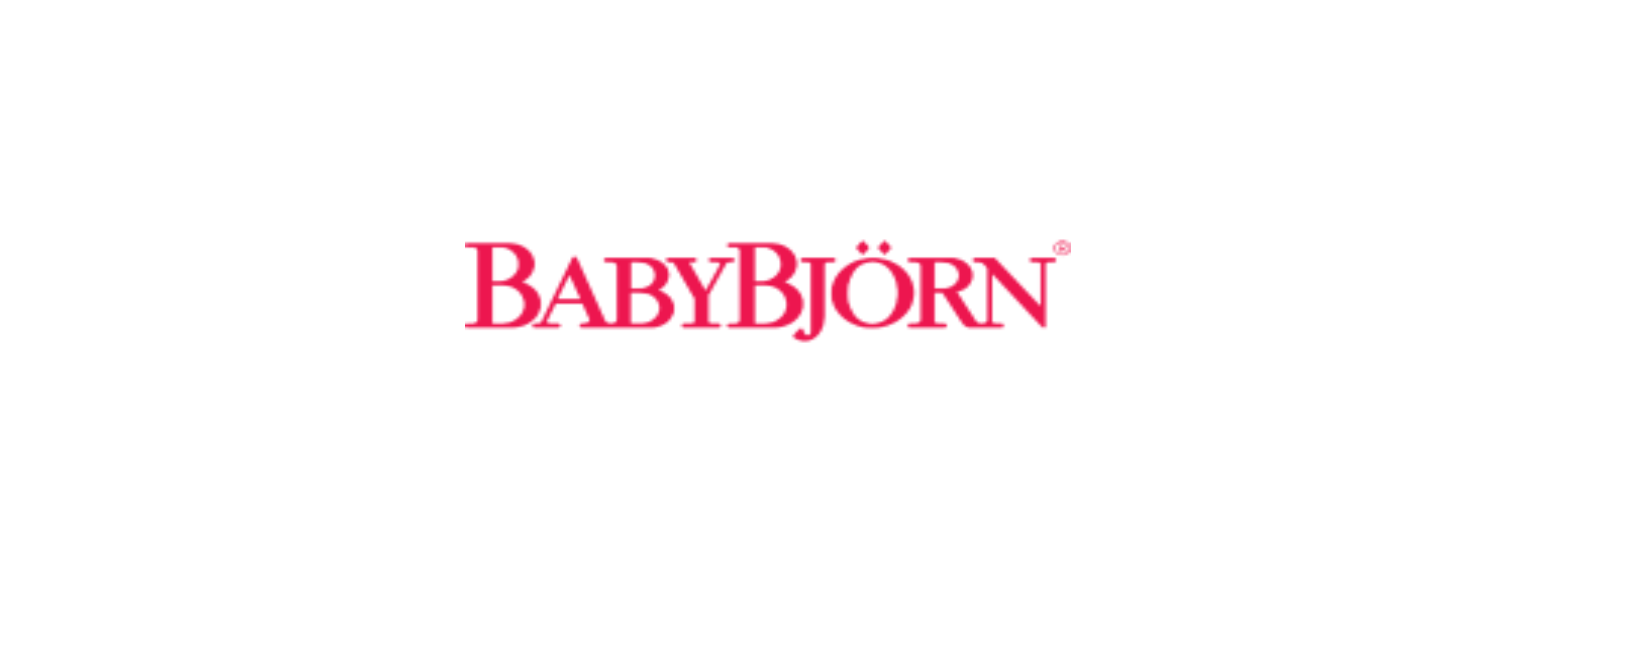 BabyBjorn UK Discount Code 2021